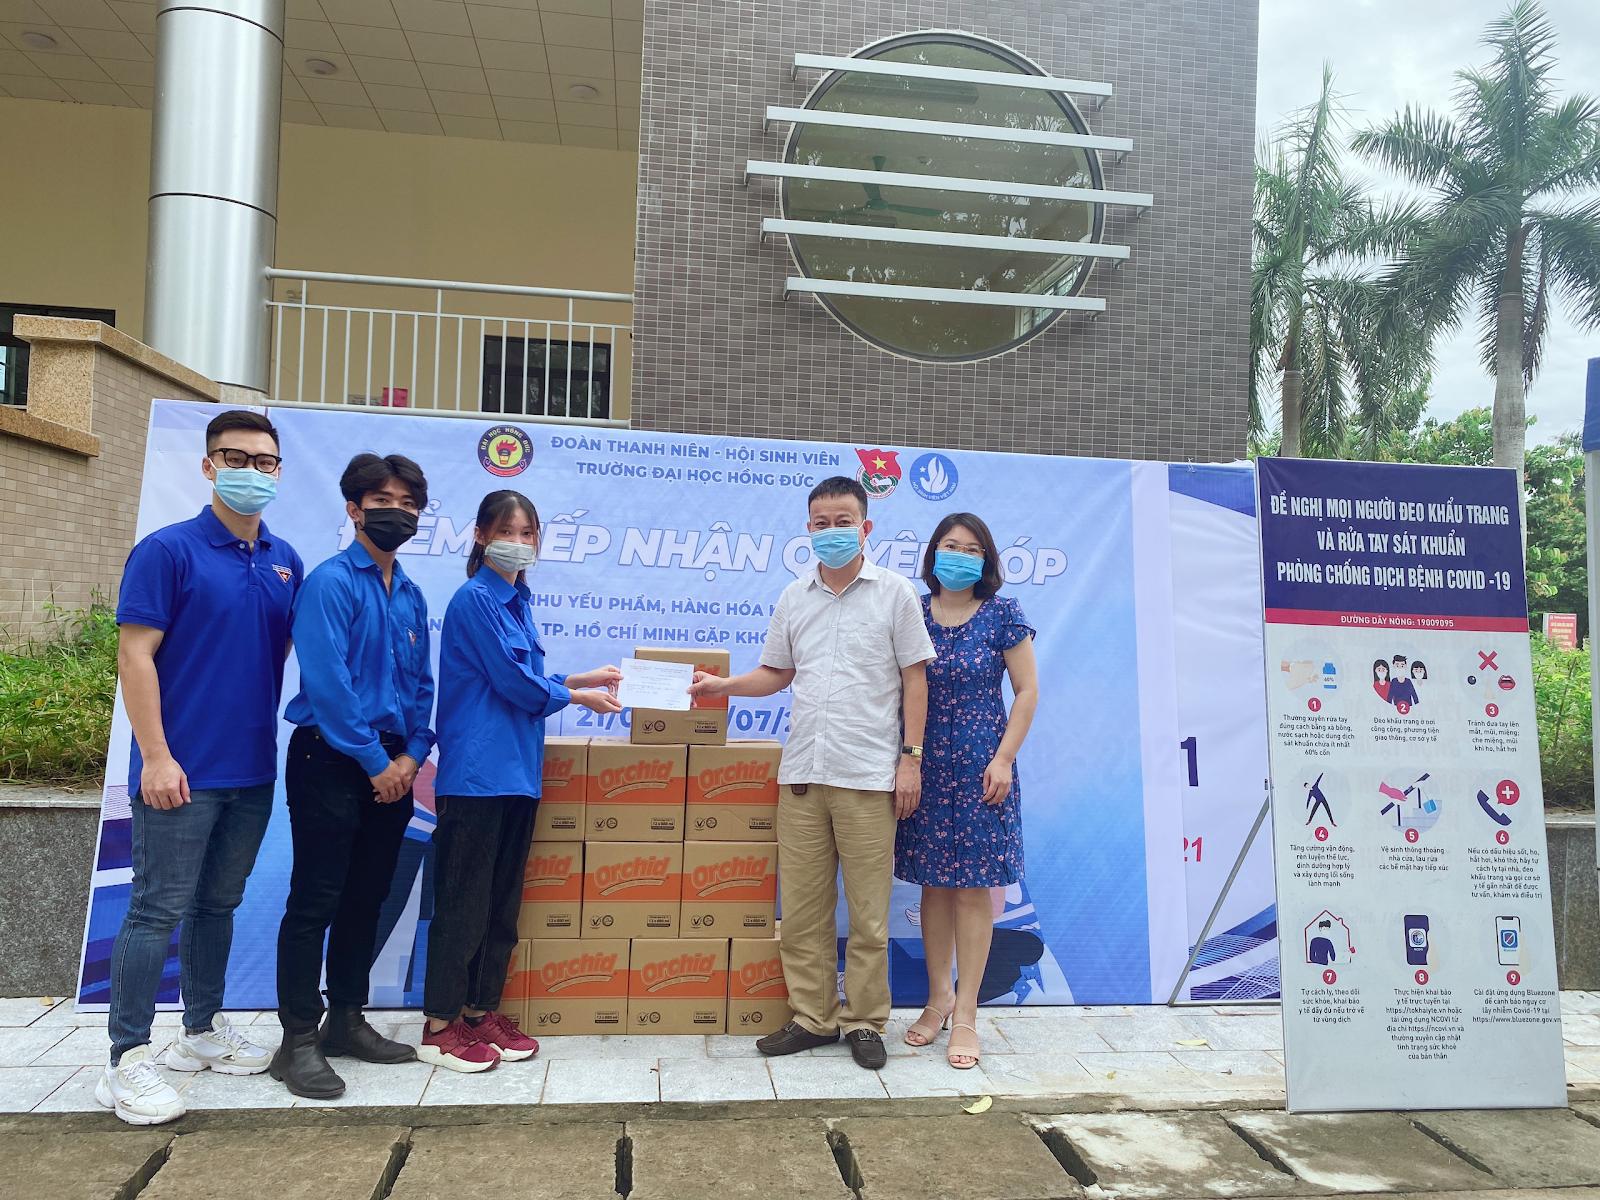 Đoàn Thanh niên, Hội Sinh viên Nhà trường vận động, quyên góp, ủng hộ nhân dân Thành phố Hồ Chí Minh gặp khó khăn do Covid - 19